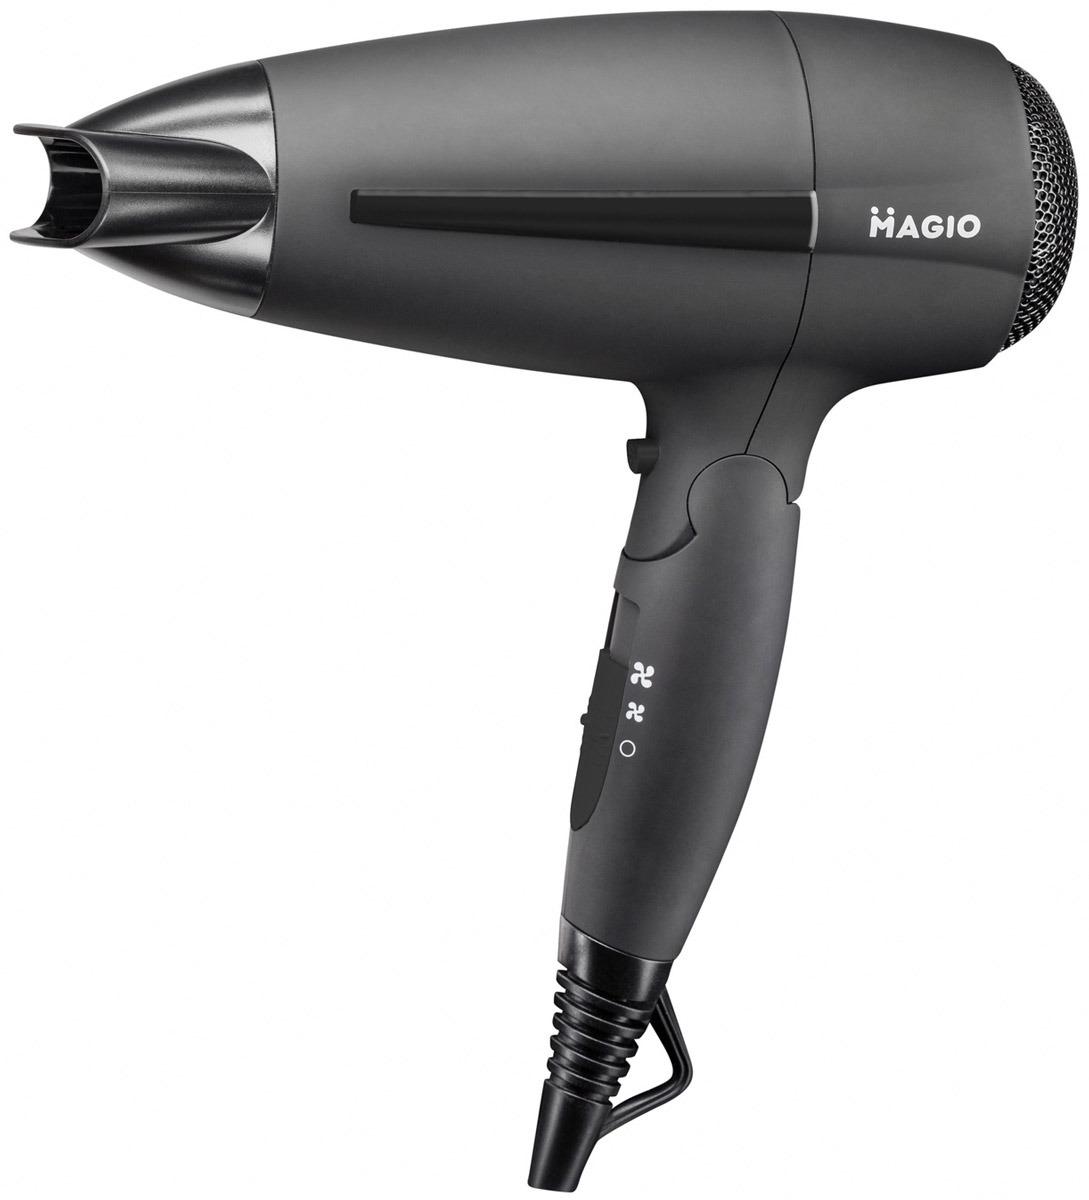 Фен для волос MAGIO Soft-Touch, со складной ручкой, 2000 Вт, МG-166